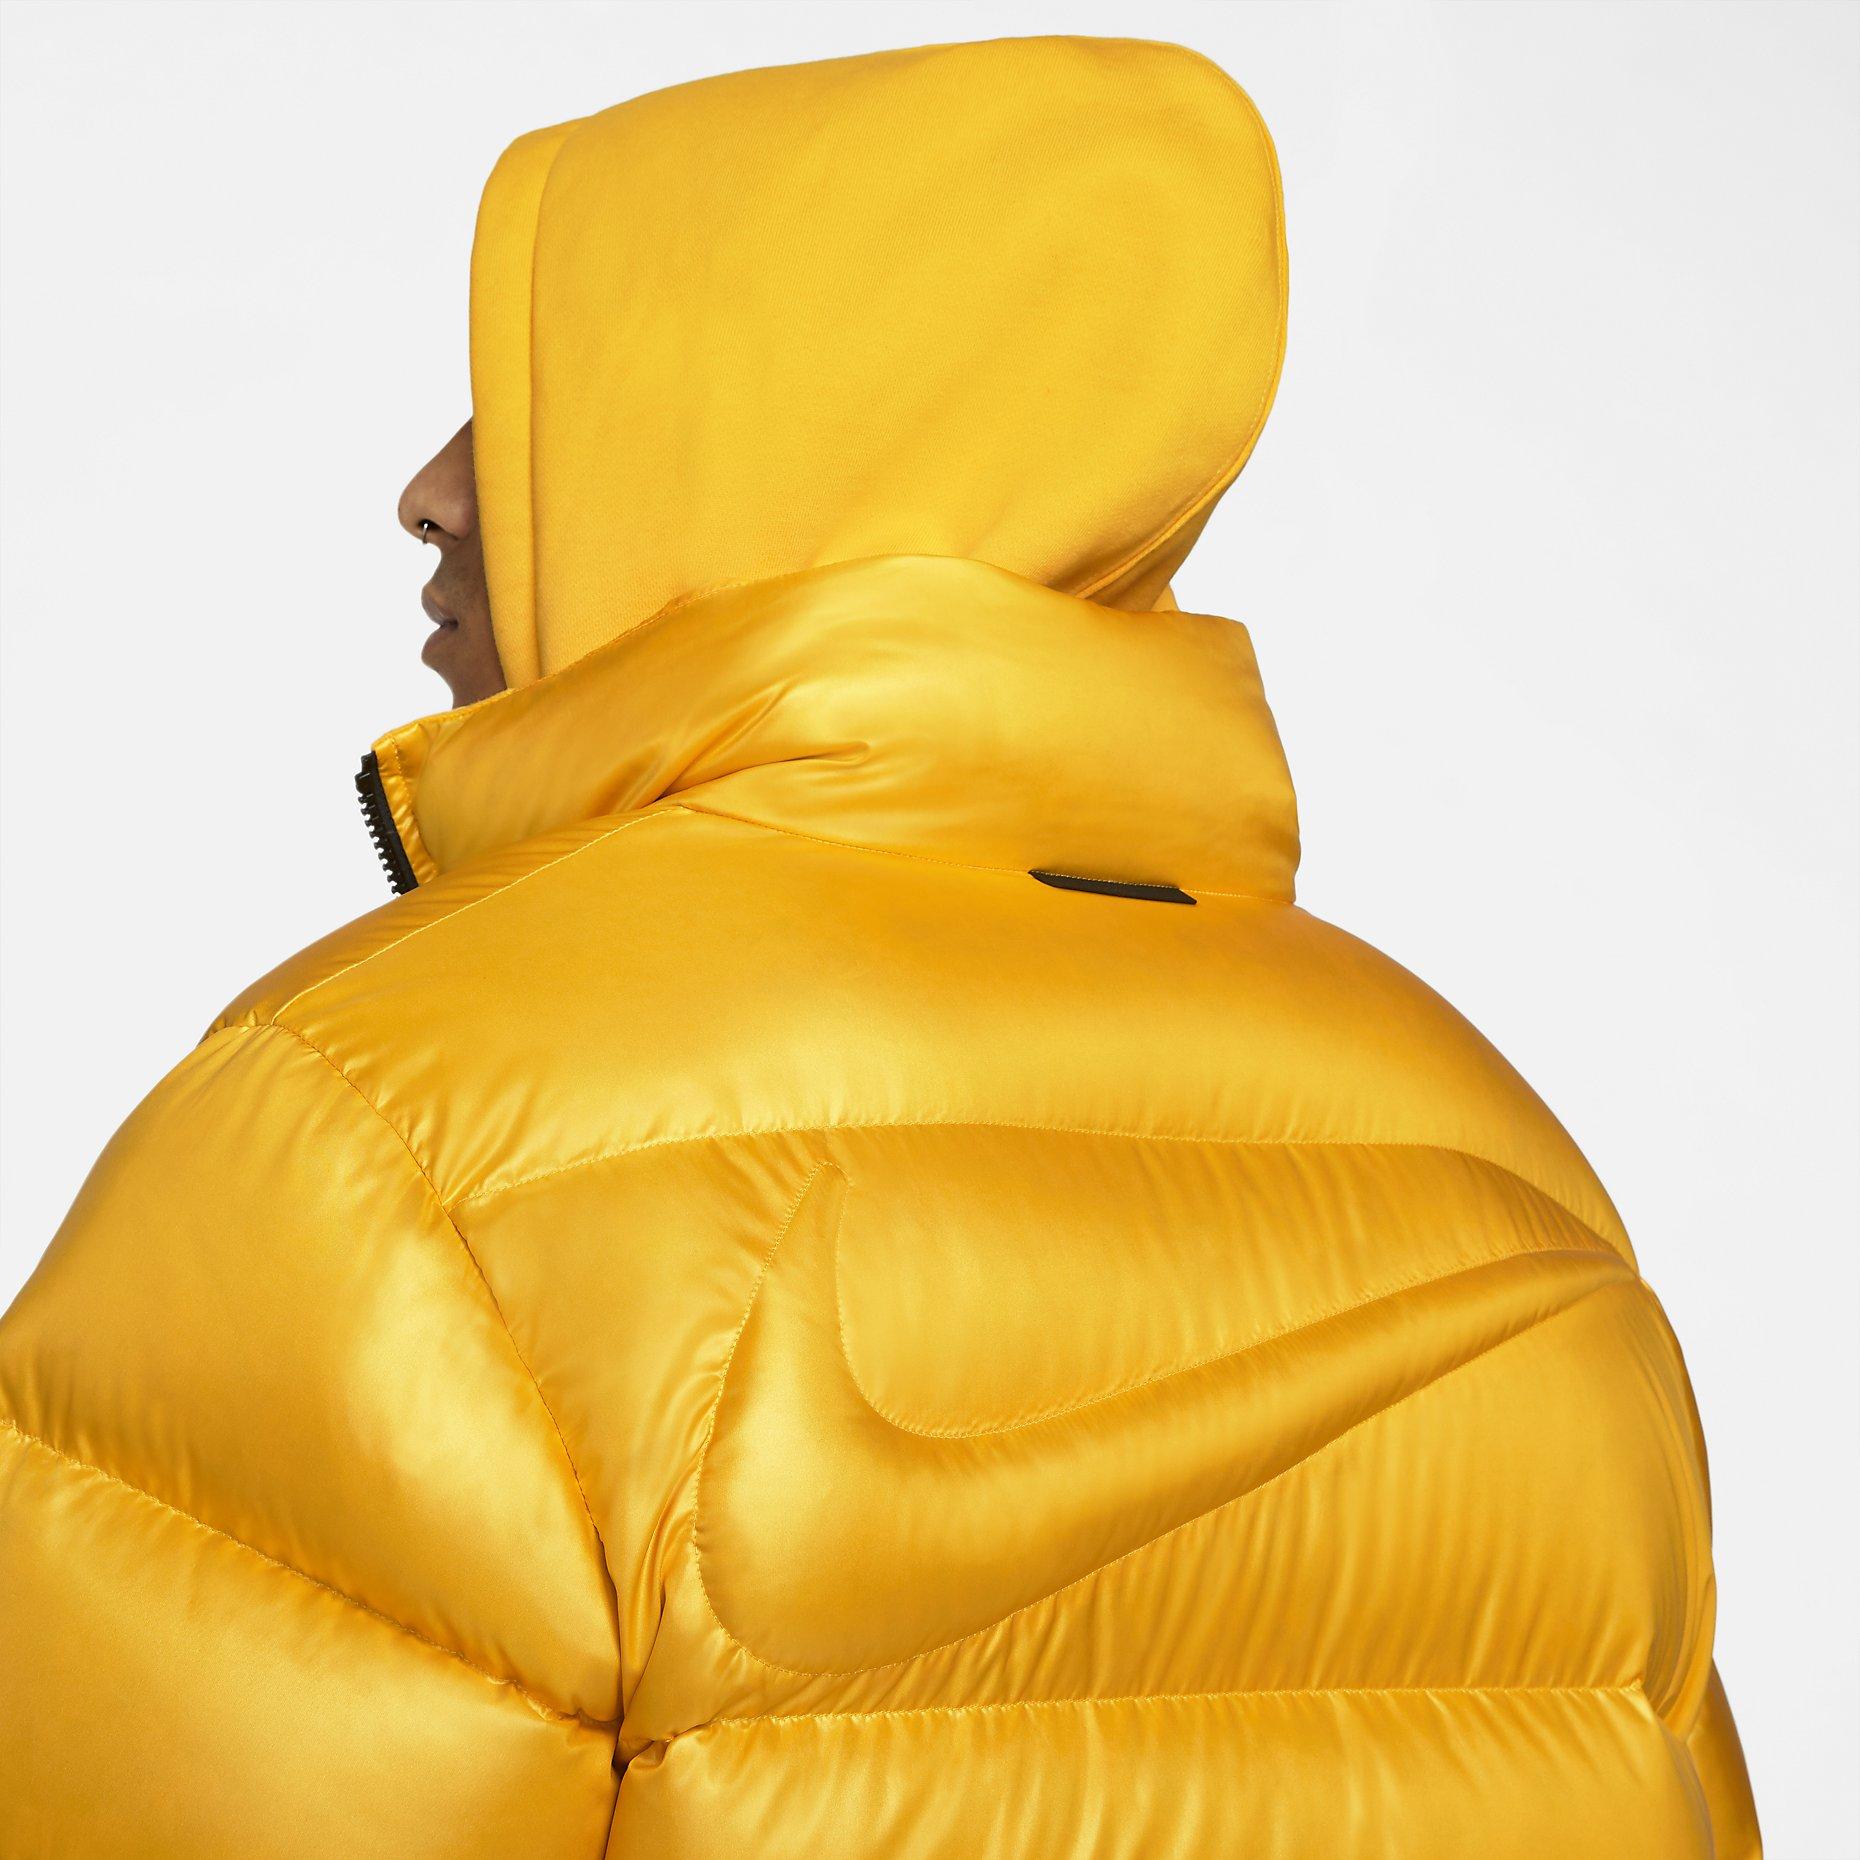 NOCTA x  Nike M NRG Au Puffer Jacket 'University Gold'}